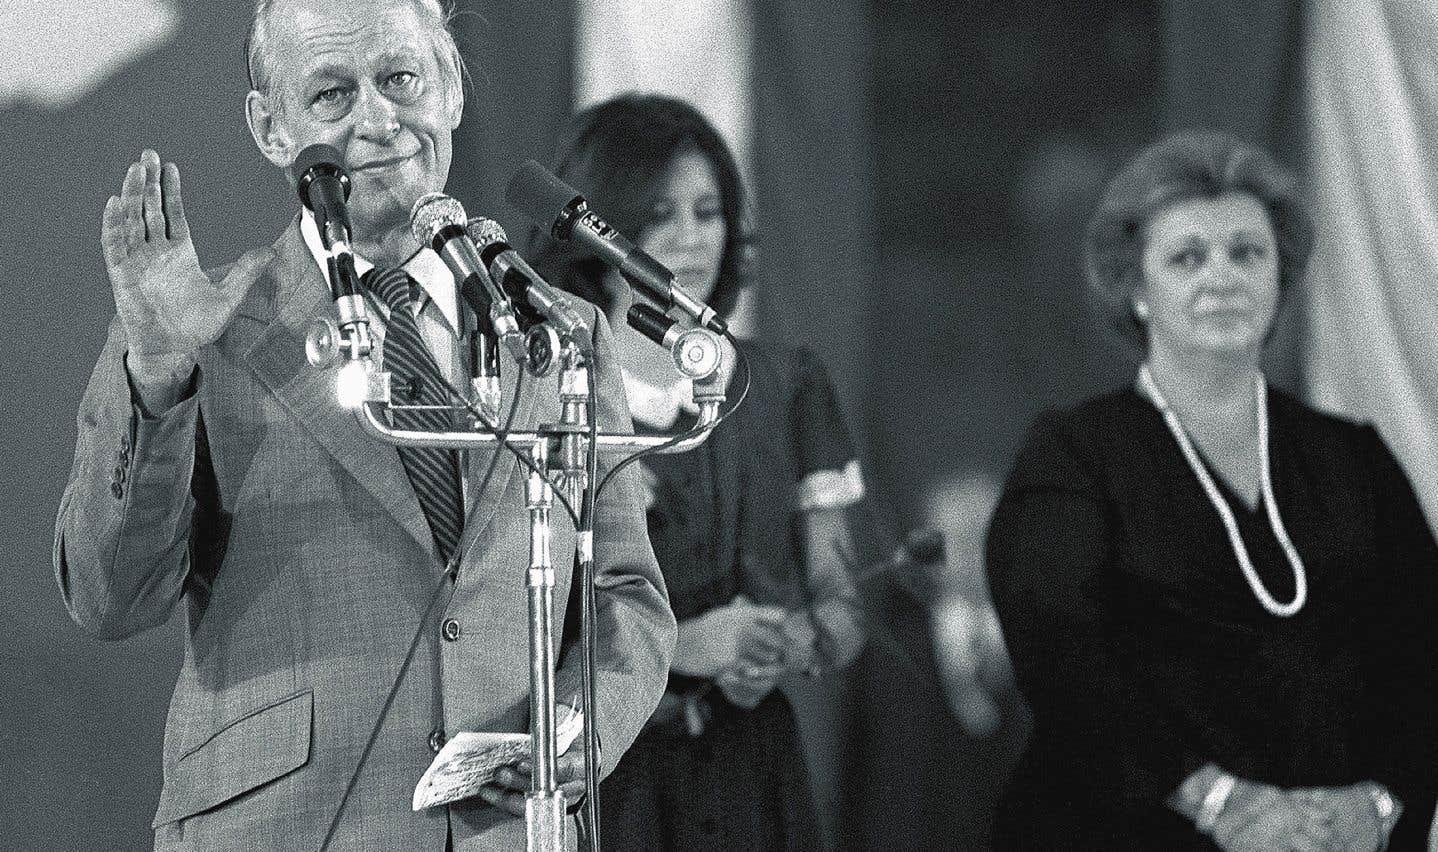 On reconnaît Lise Payette (à droite) en compagnie de René Lévesque, à l'époque du référendum de 1980.